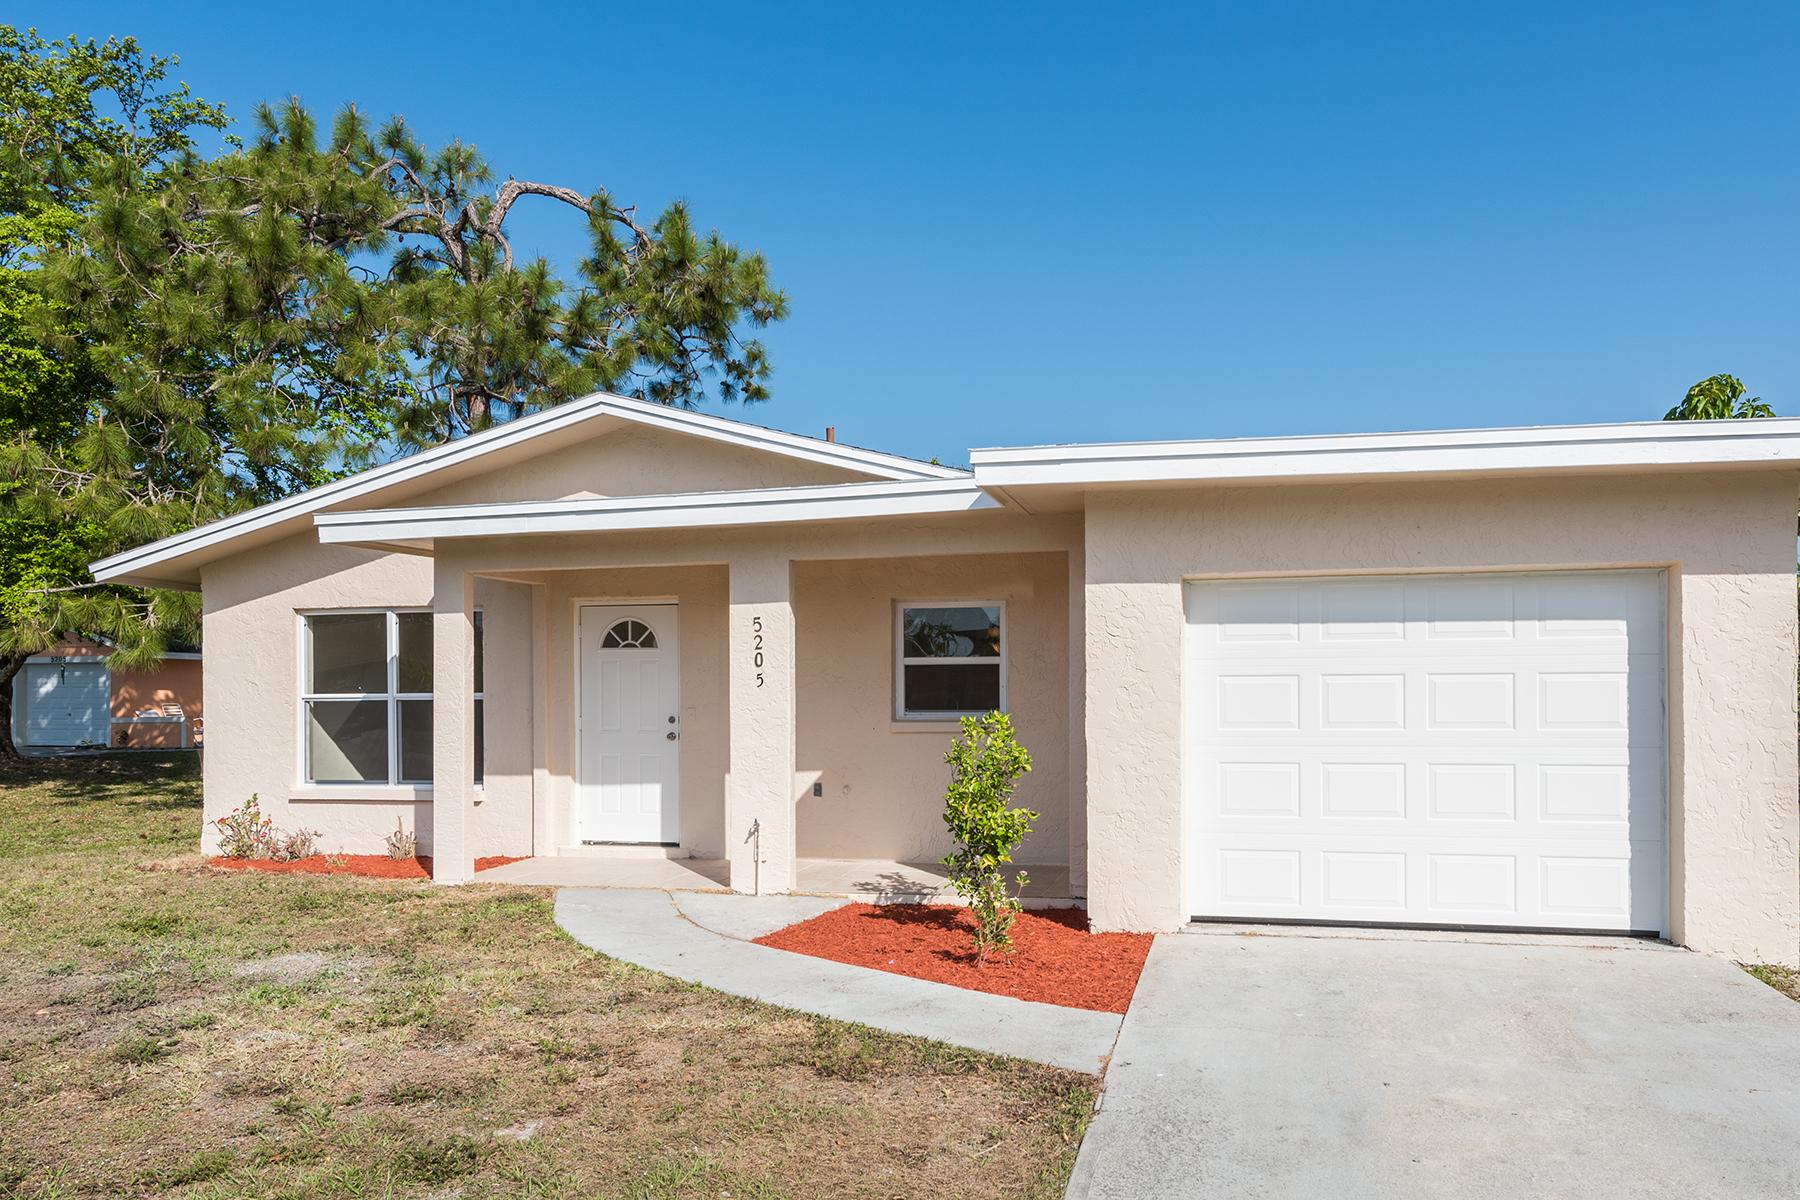 一戸建て のために 売買 アット NAPLES MANOR 5205 Perry Ln Naples, フロリダ, 34113 アメリカ合衆国